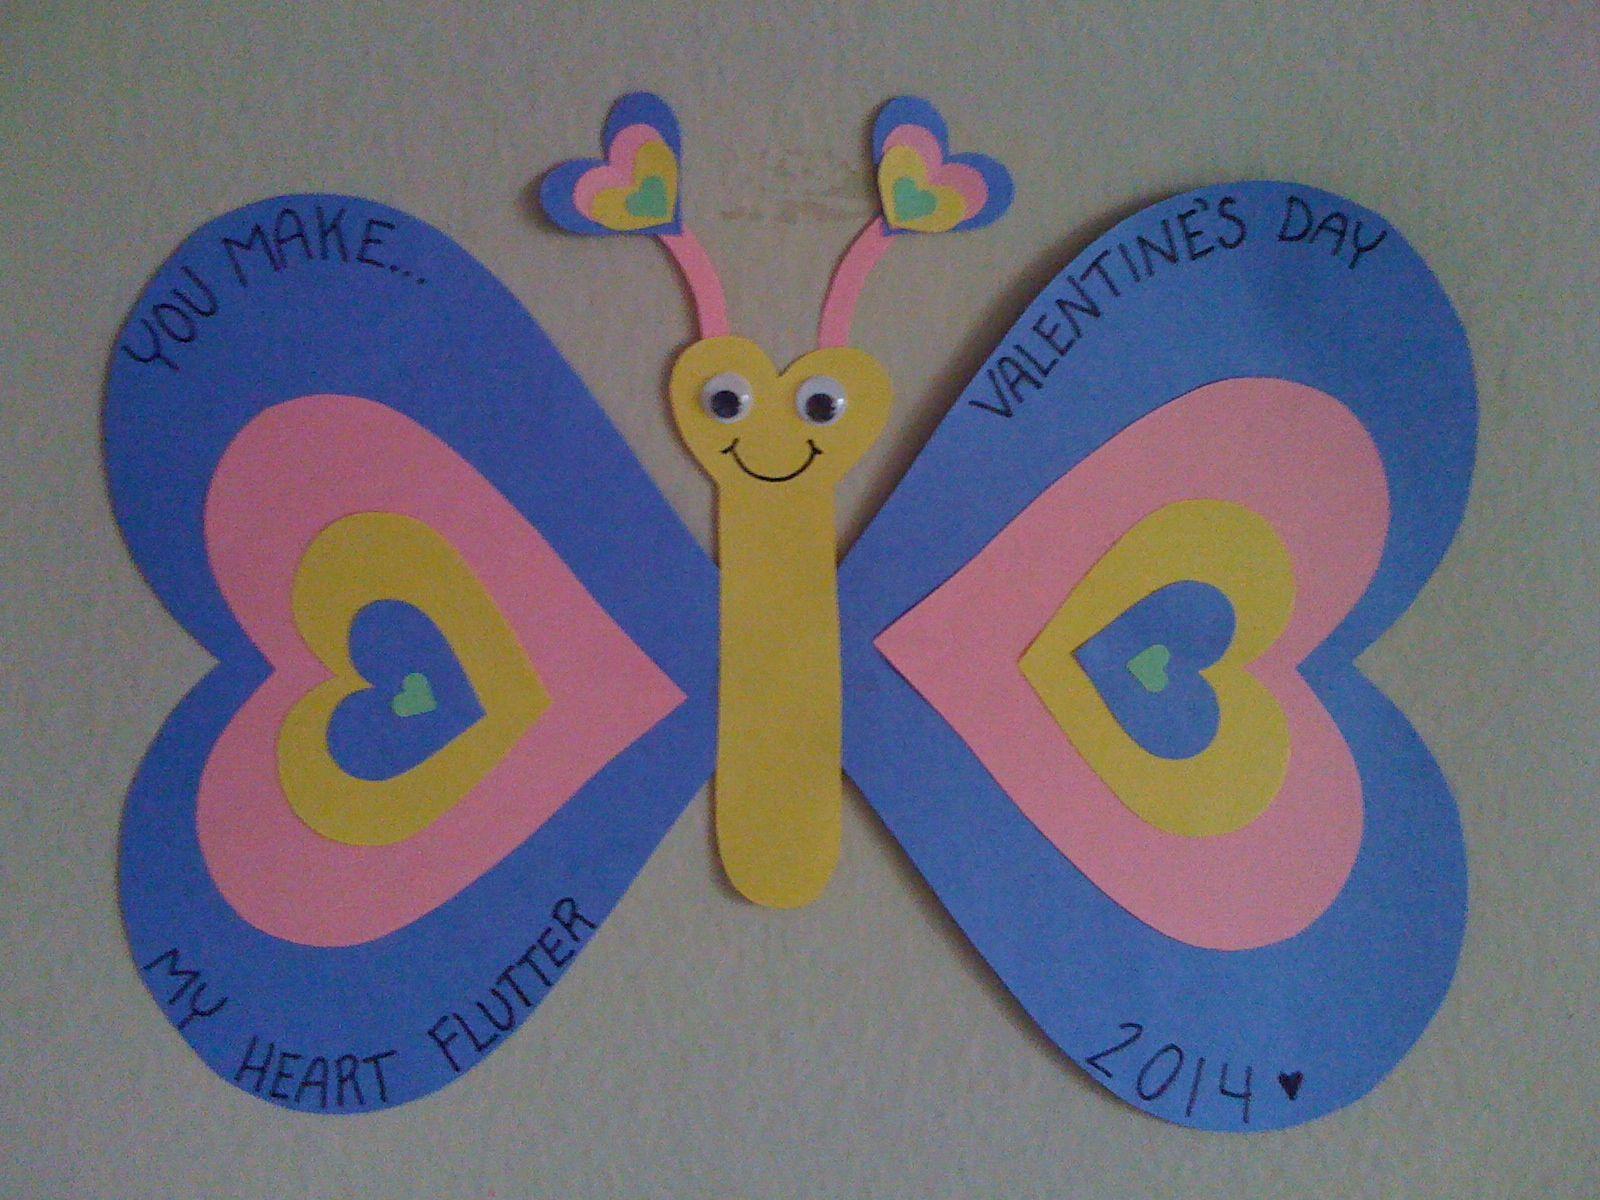 Kindergarten valentine craft ideas - Valentine Craft For Kids Easy Preschool Valentine S Day Craft Valentine Butterfly Craft Made From